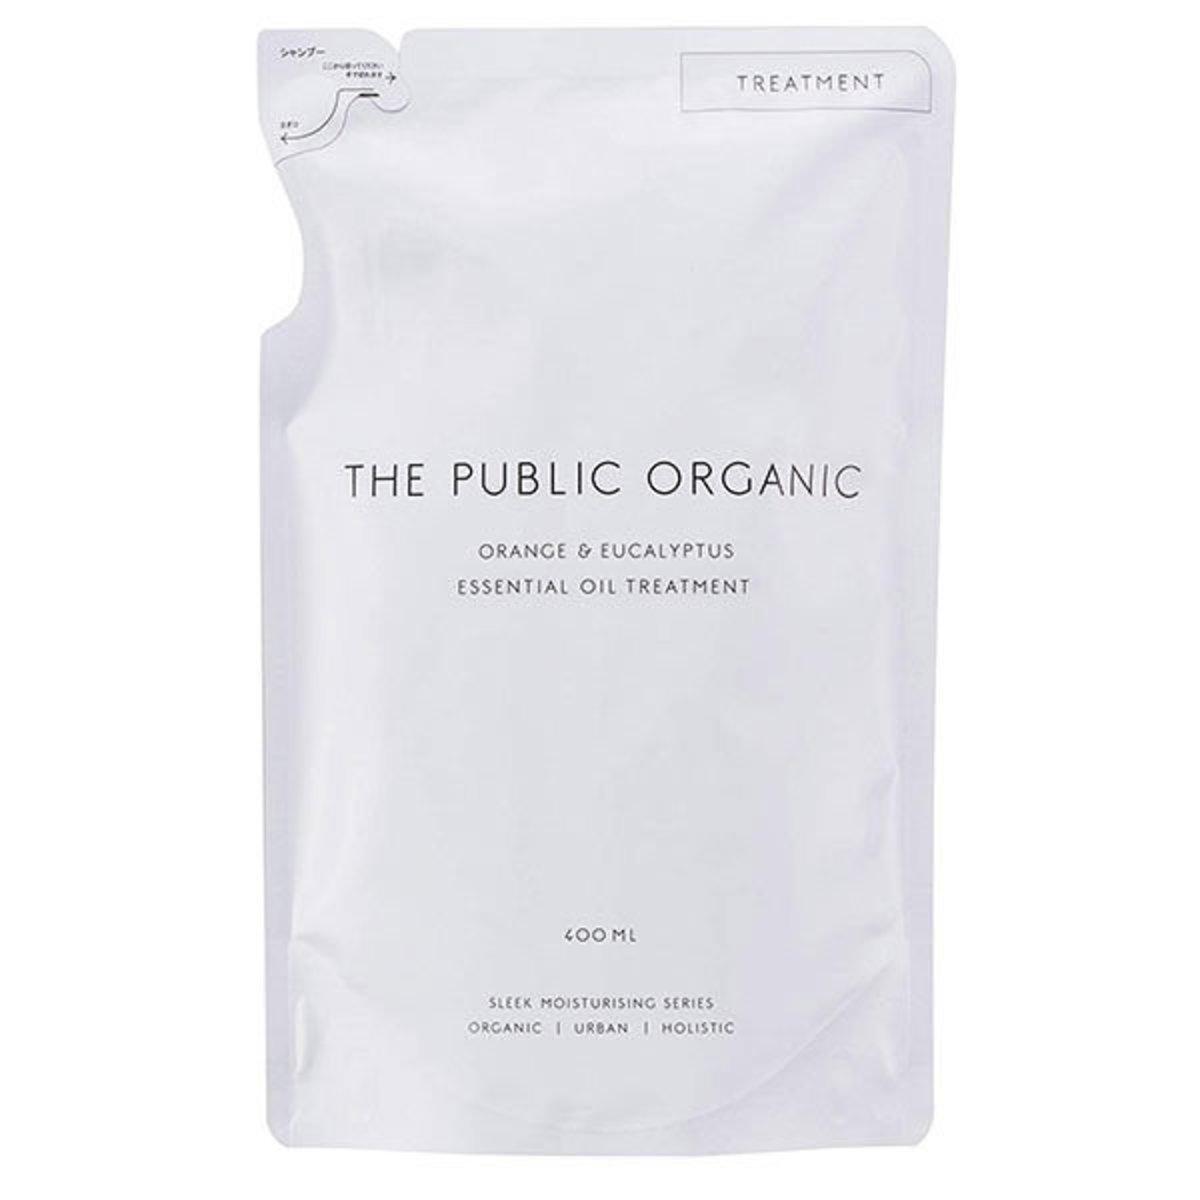 香橙及桉樹精油油潤髮乳 (Super Refresh)(補充裝) 400ml (平行進口)